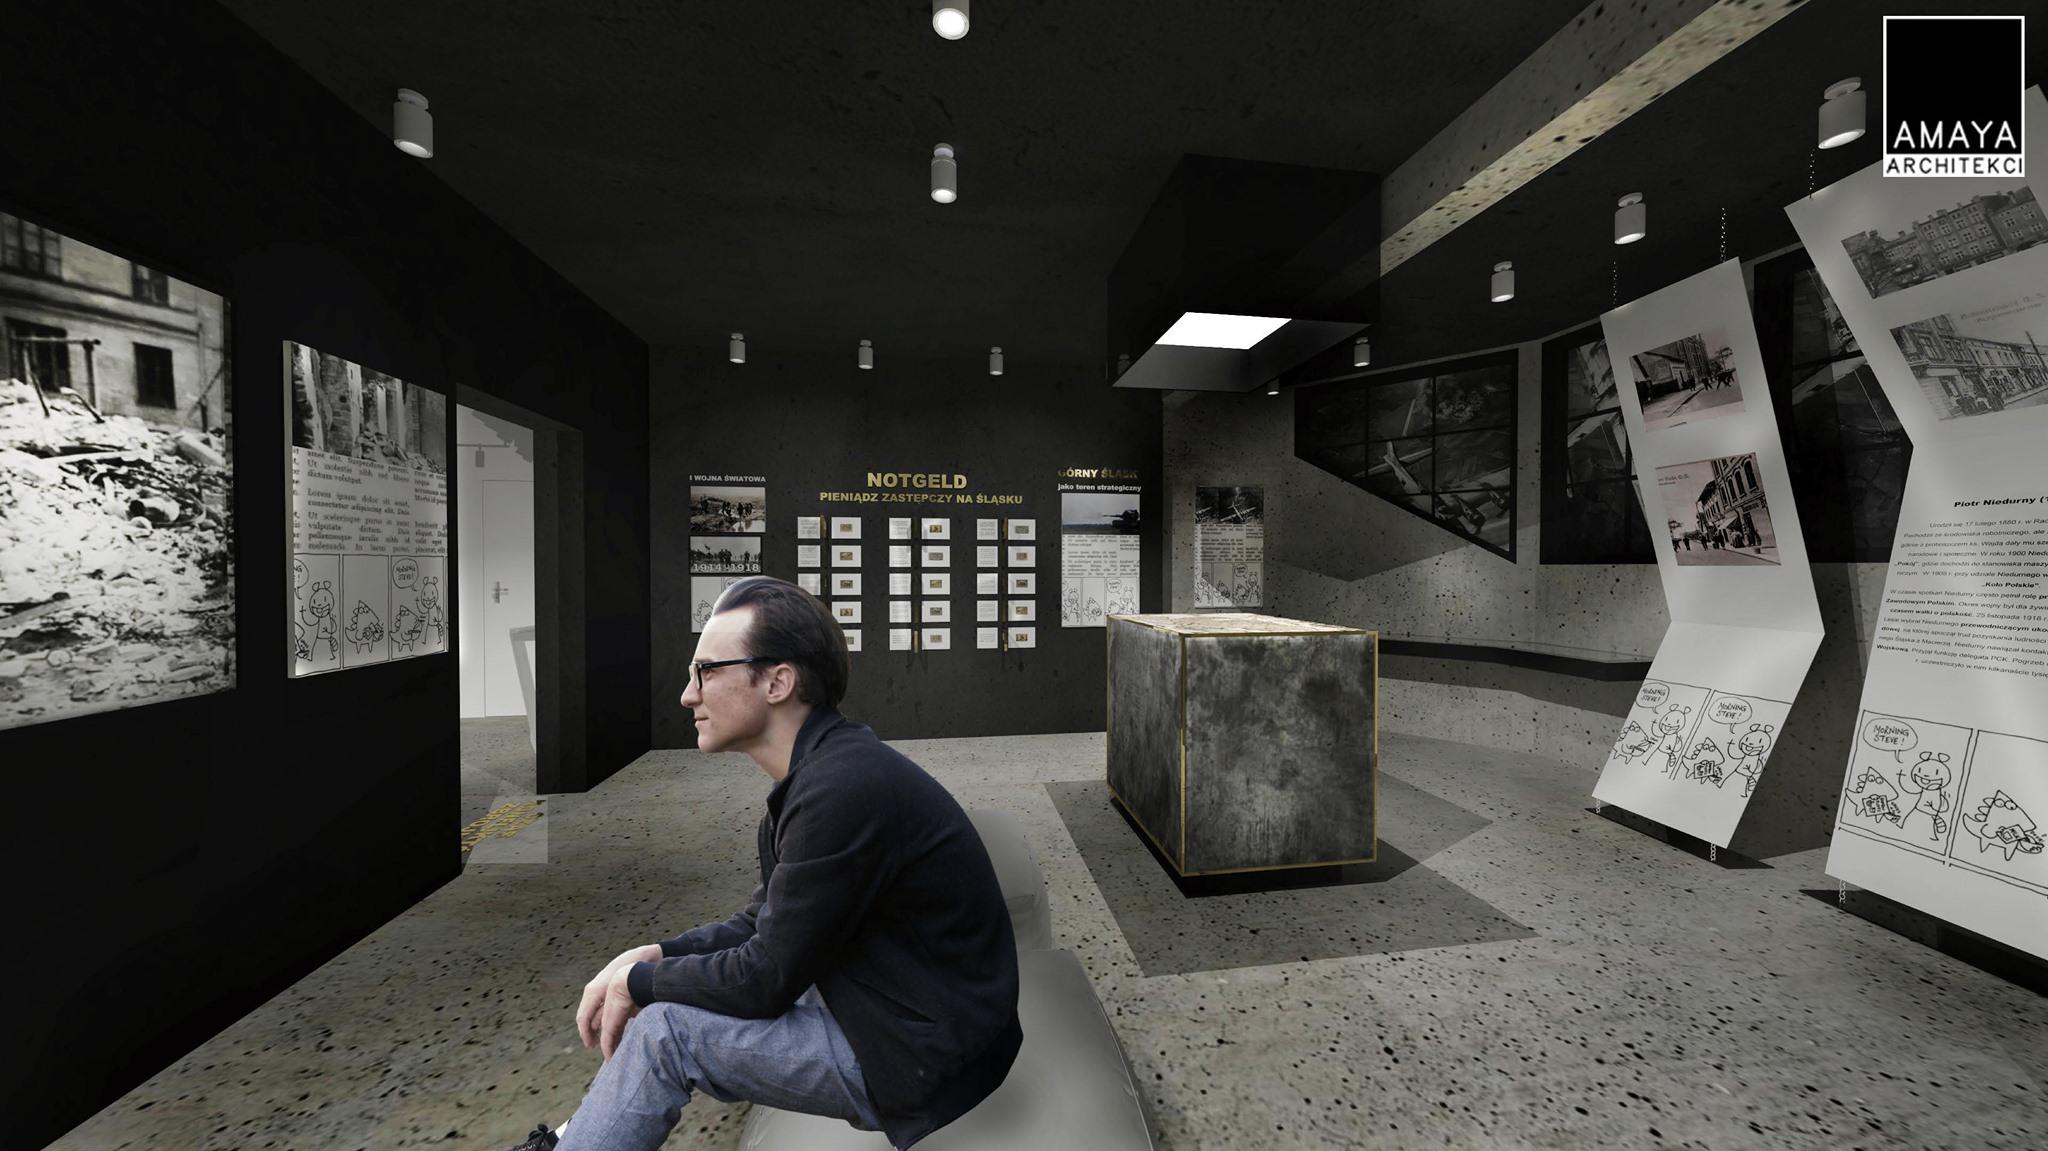 Wizualizacja wnętrza muzeum miejskiego